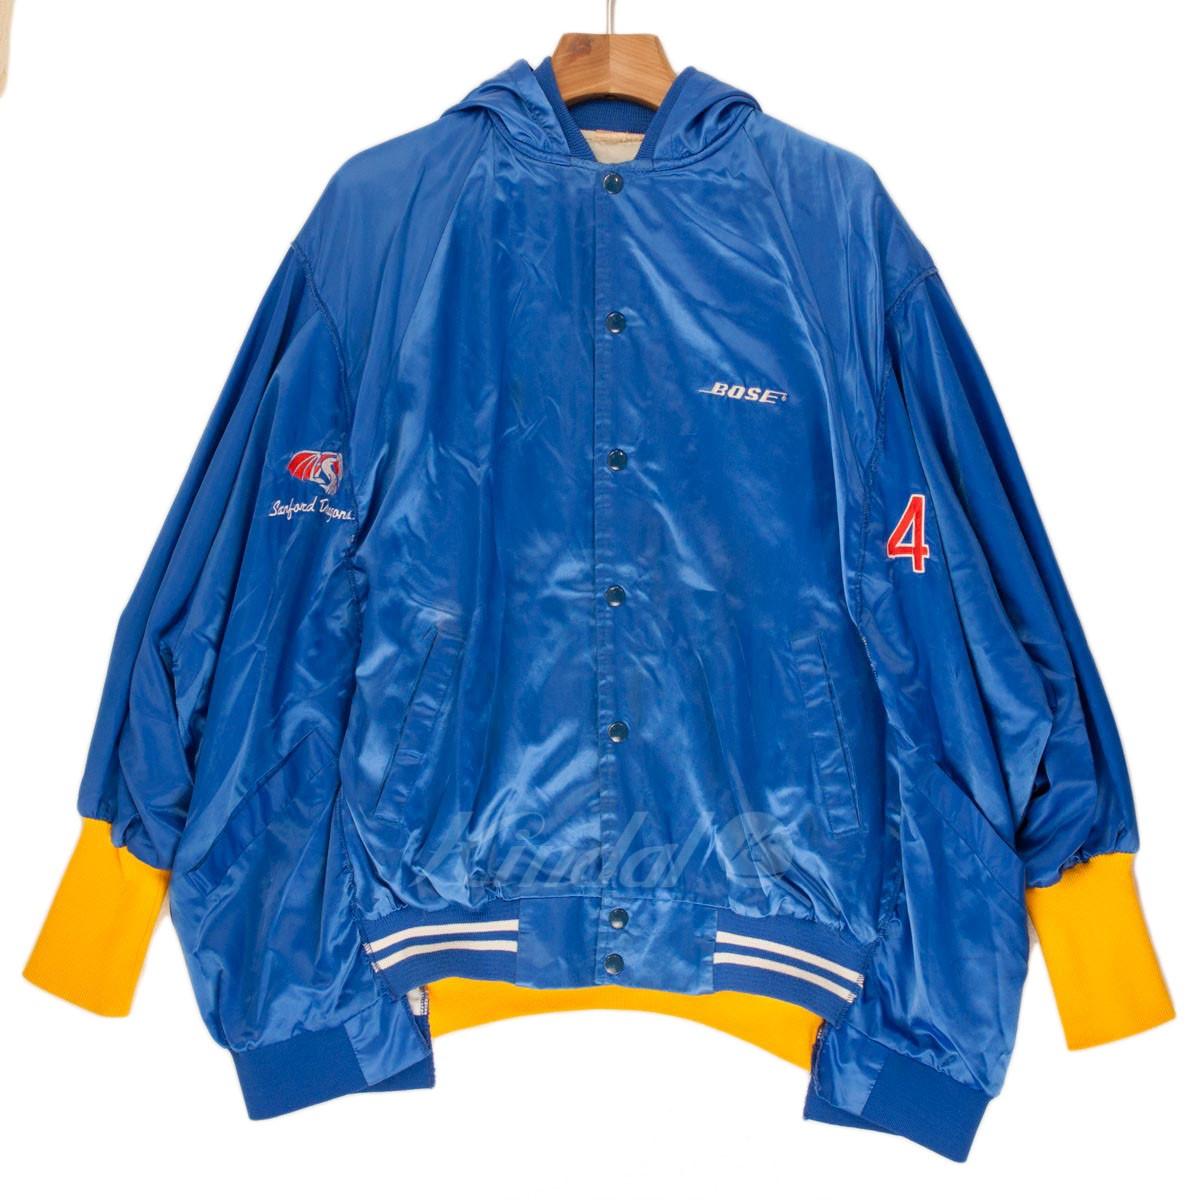 【中古】77circa リメイク フード スタジアムジャンパー ブルー/オレンジ 【送料無料】 【201018】(ナナナナサーカ)